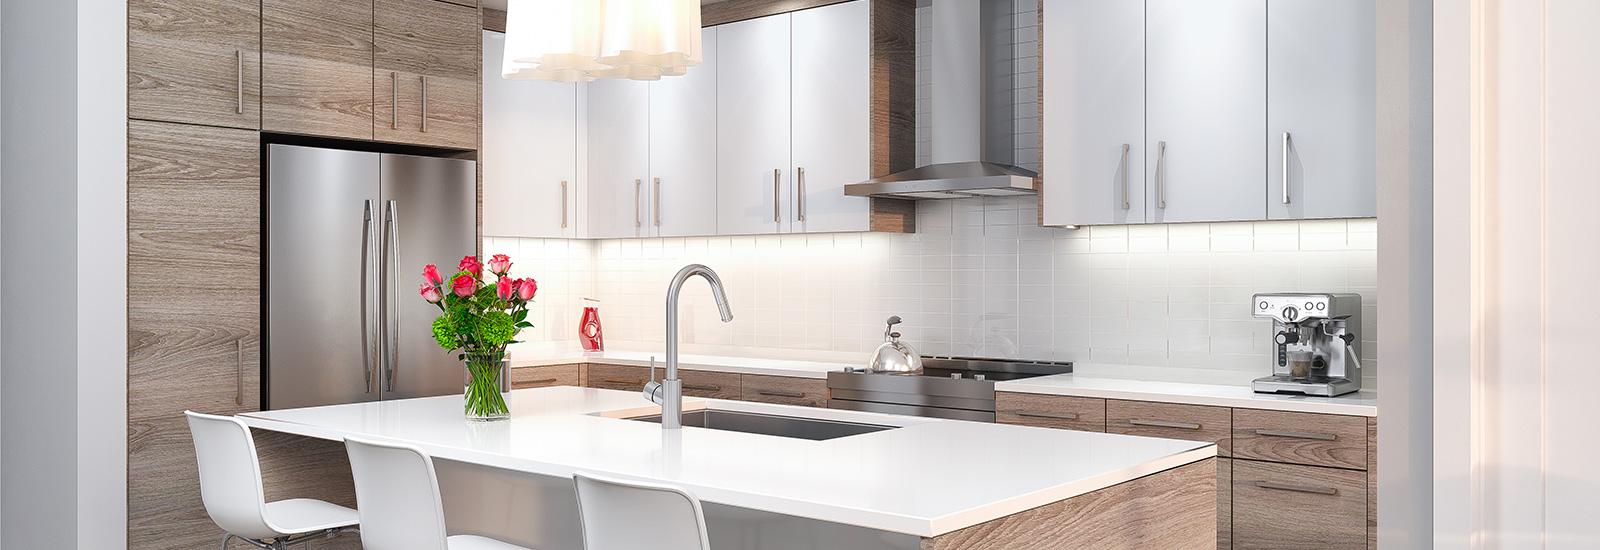 TheMark-kitchen.jpg